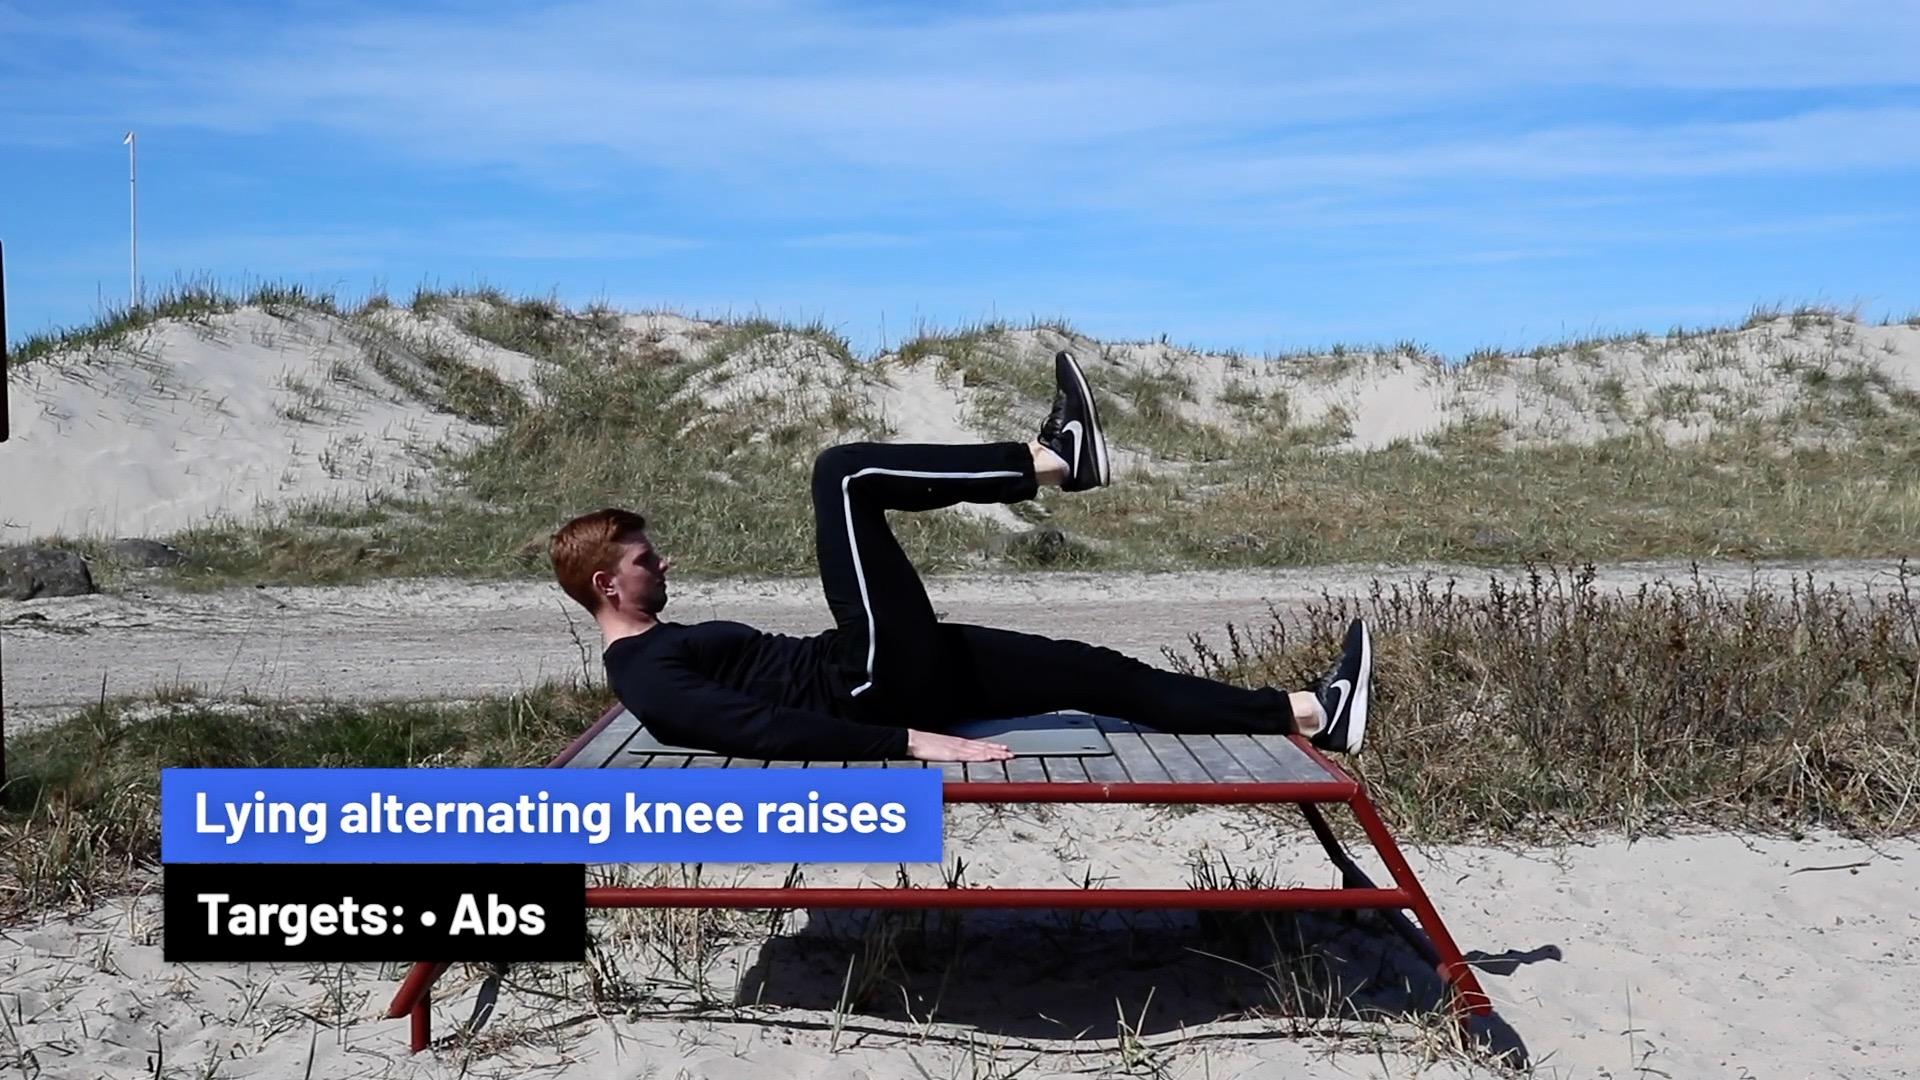 Lying alternating knee raises